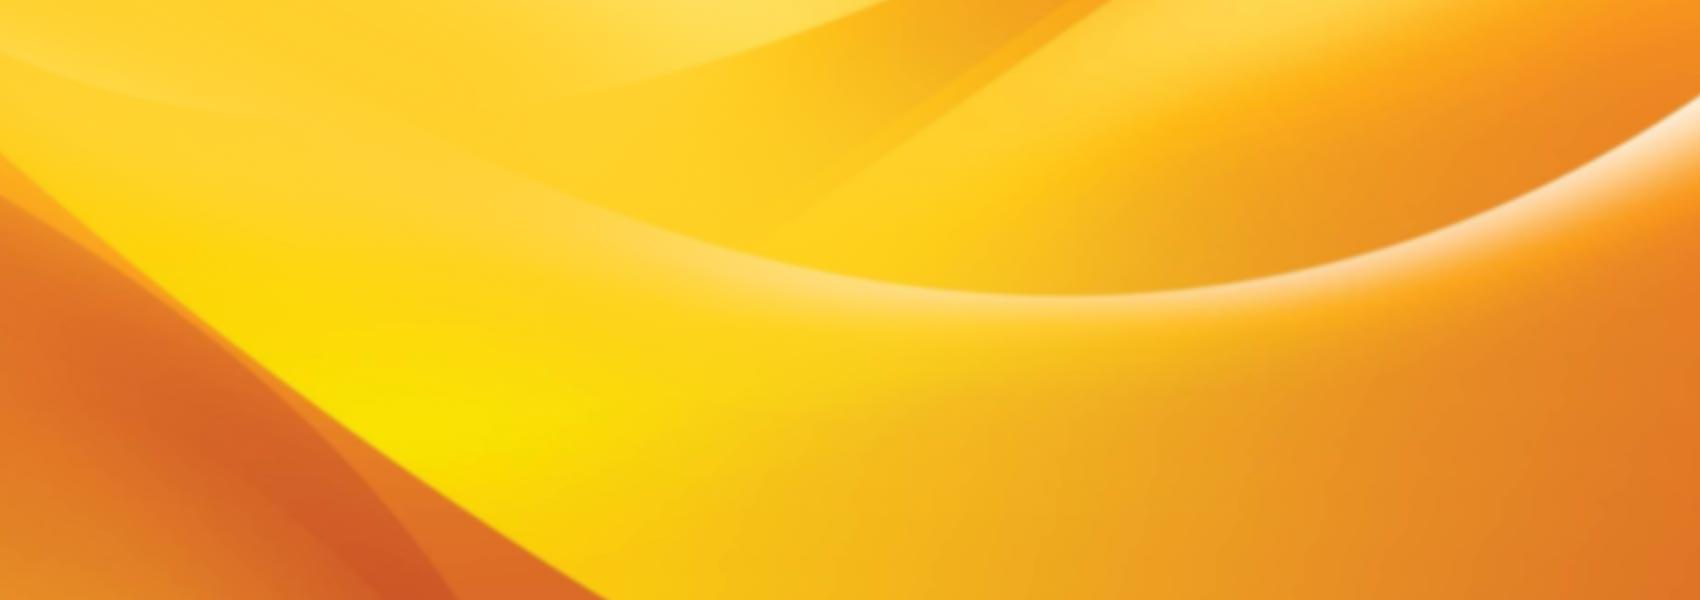 sfondo-giallo2